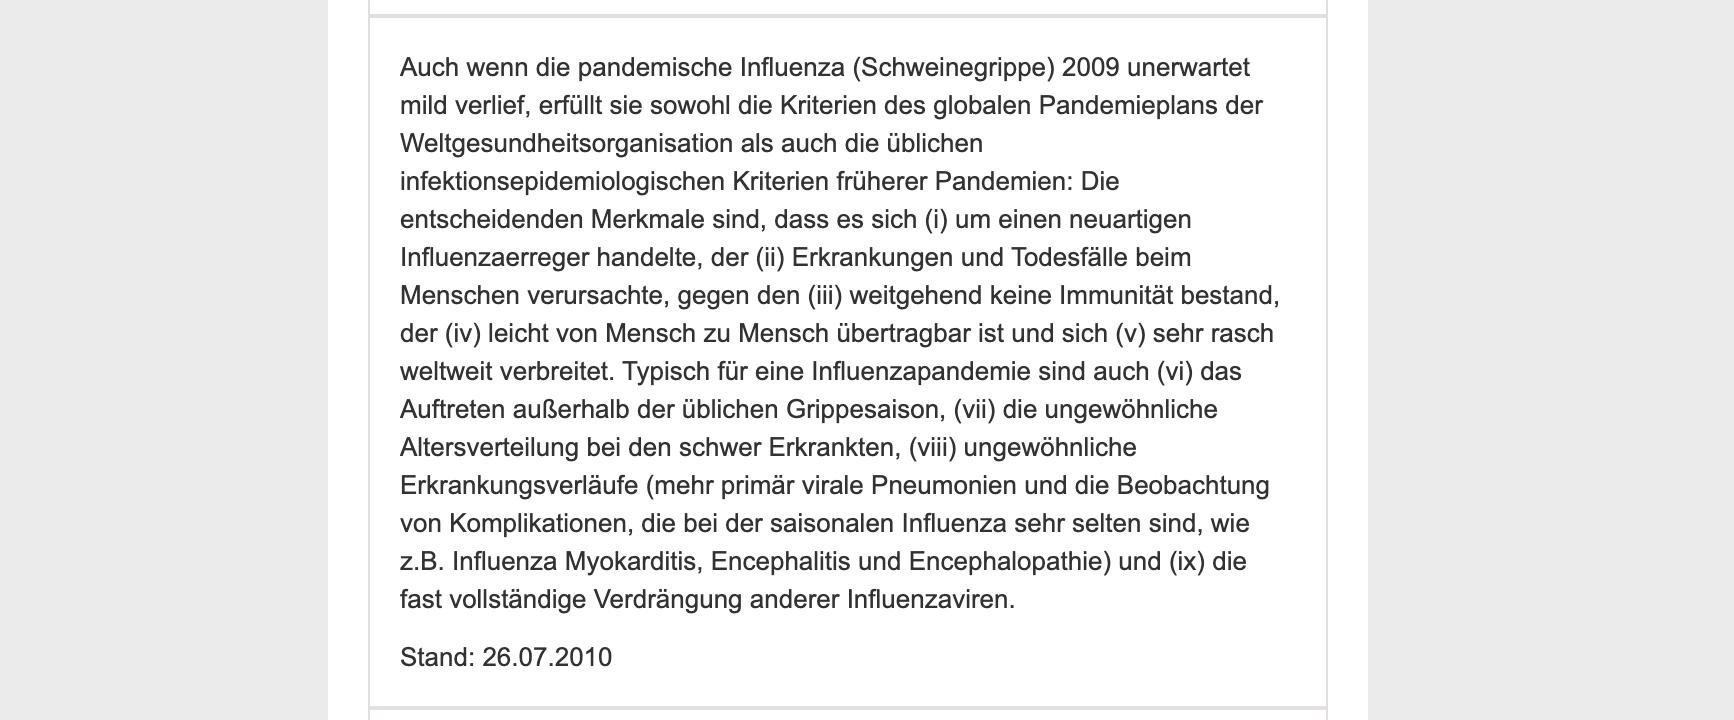 Das Robert-Koch-Institut klärt auf seiner Internetseite über die Schweinegrippe-Pandemie im Jahr 2009 auf.